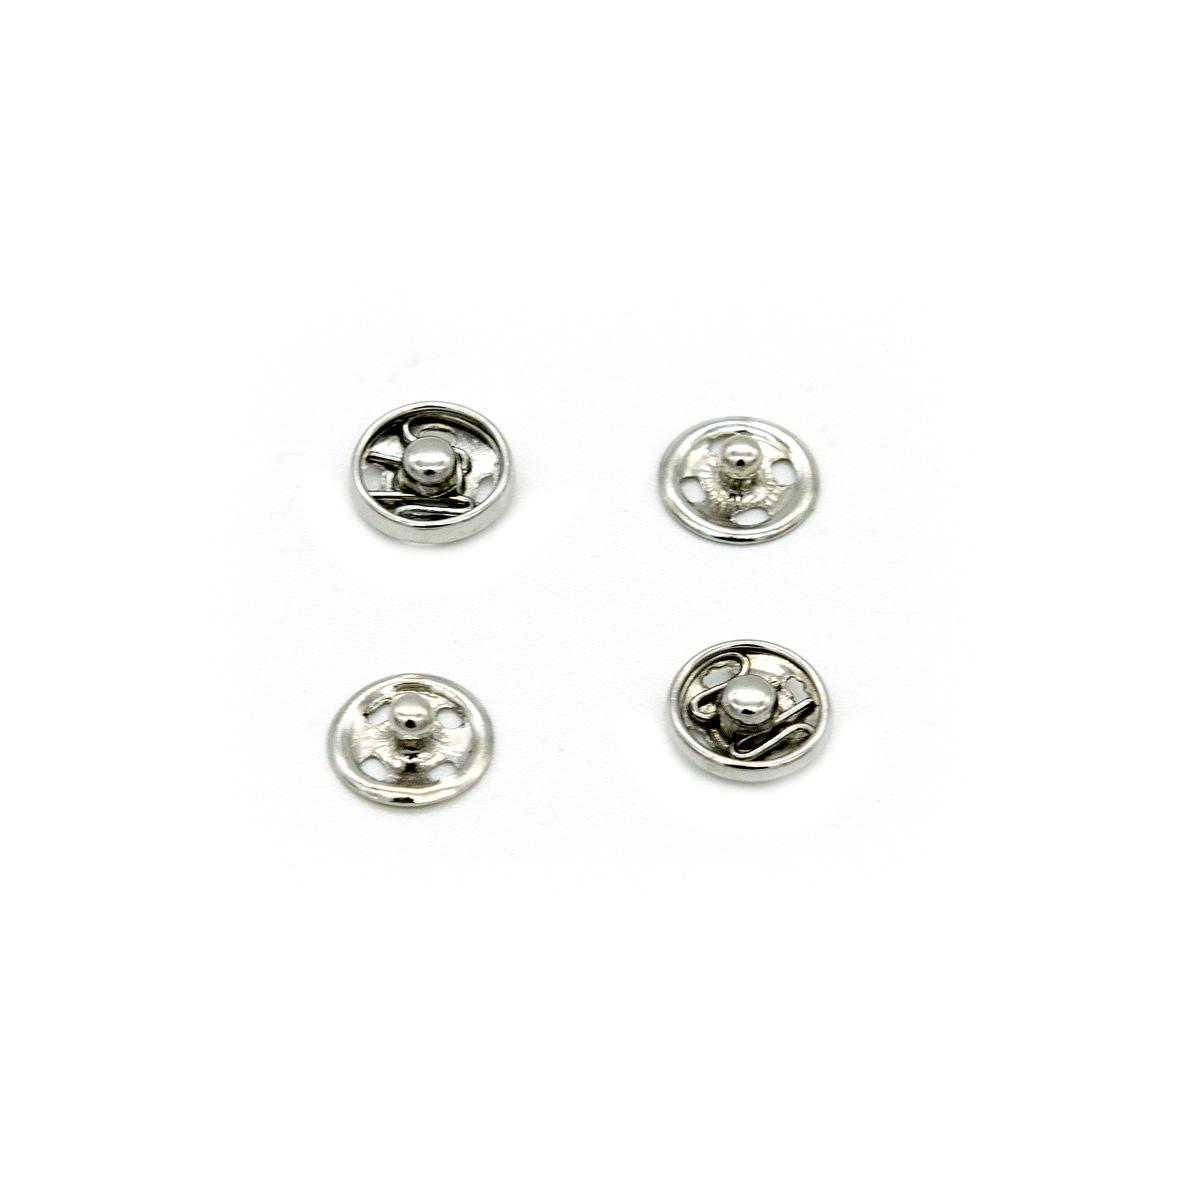 Кнопки для легких тканей пришивные, 10 компл., 7 мм, никель 512106, Hobby&Pro